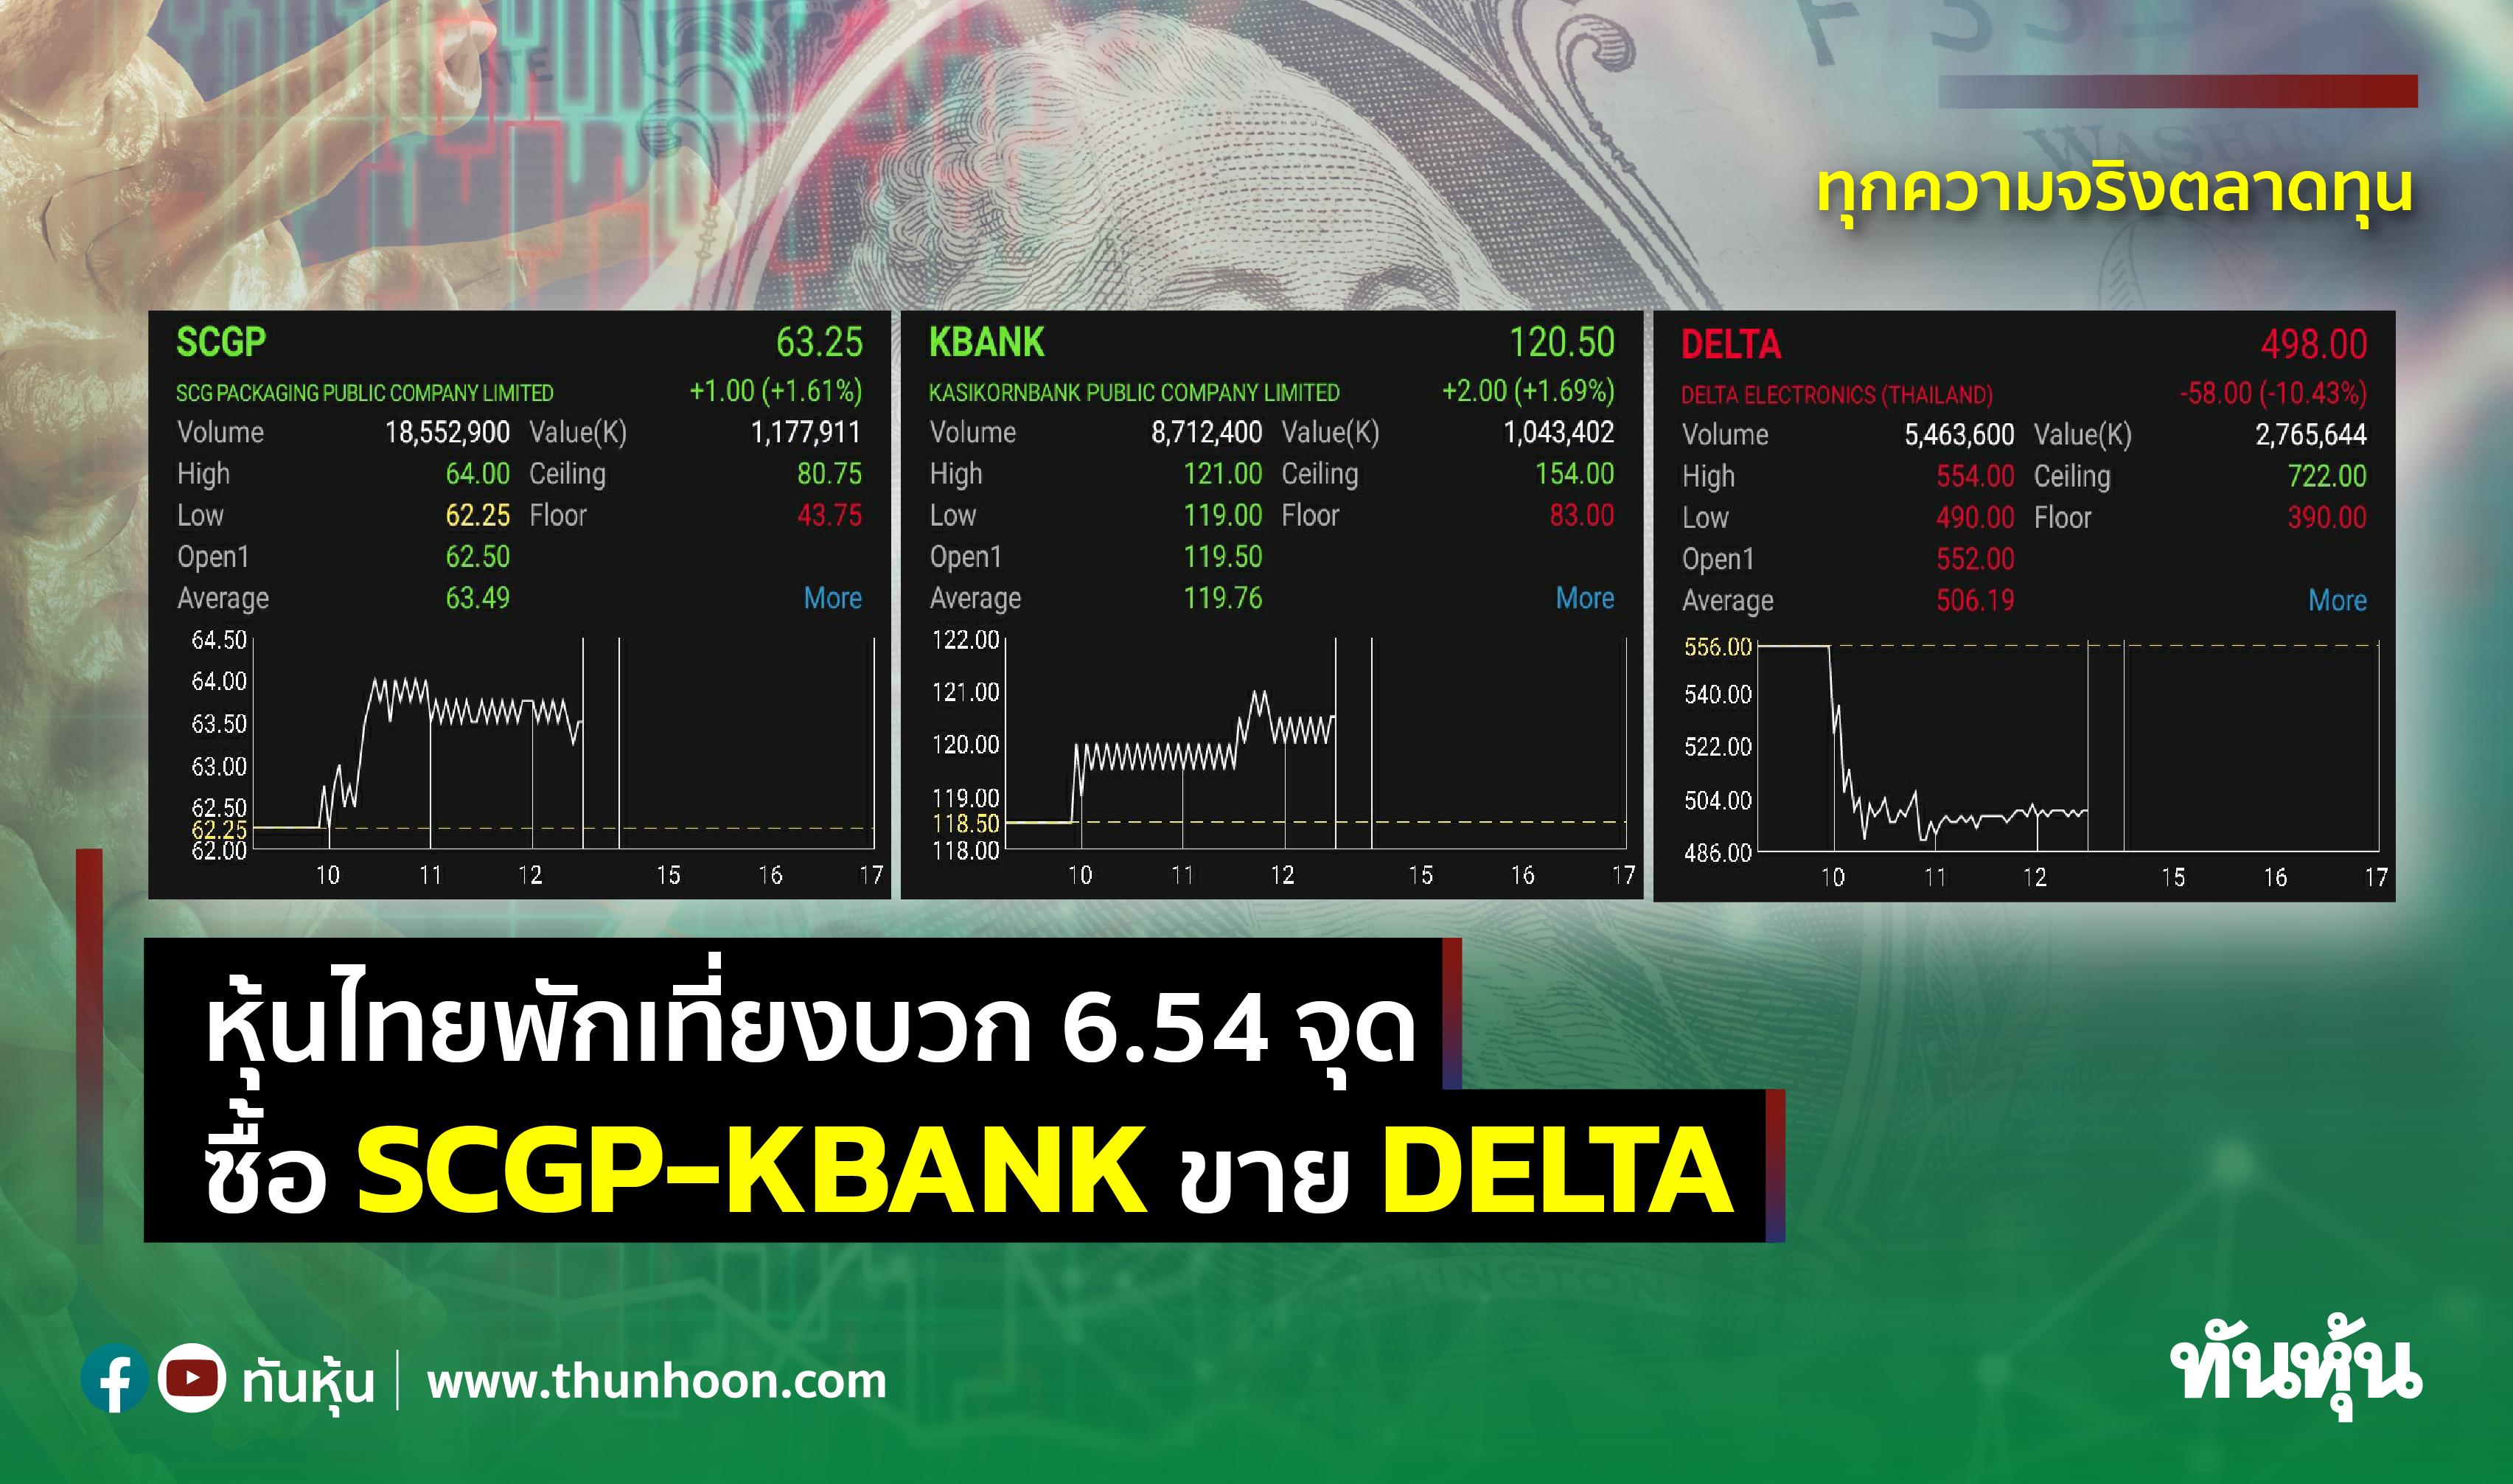 หุ้นไทยพักเที่ยงบวก 6.54 จุด ซื้อ SCGP-KBANK ขาย DELTA